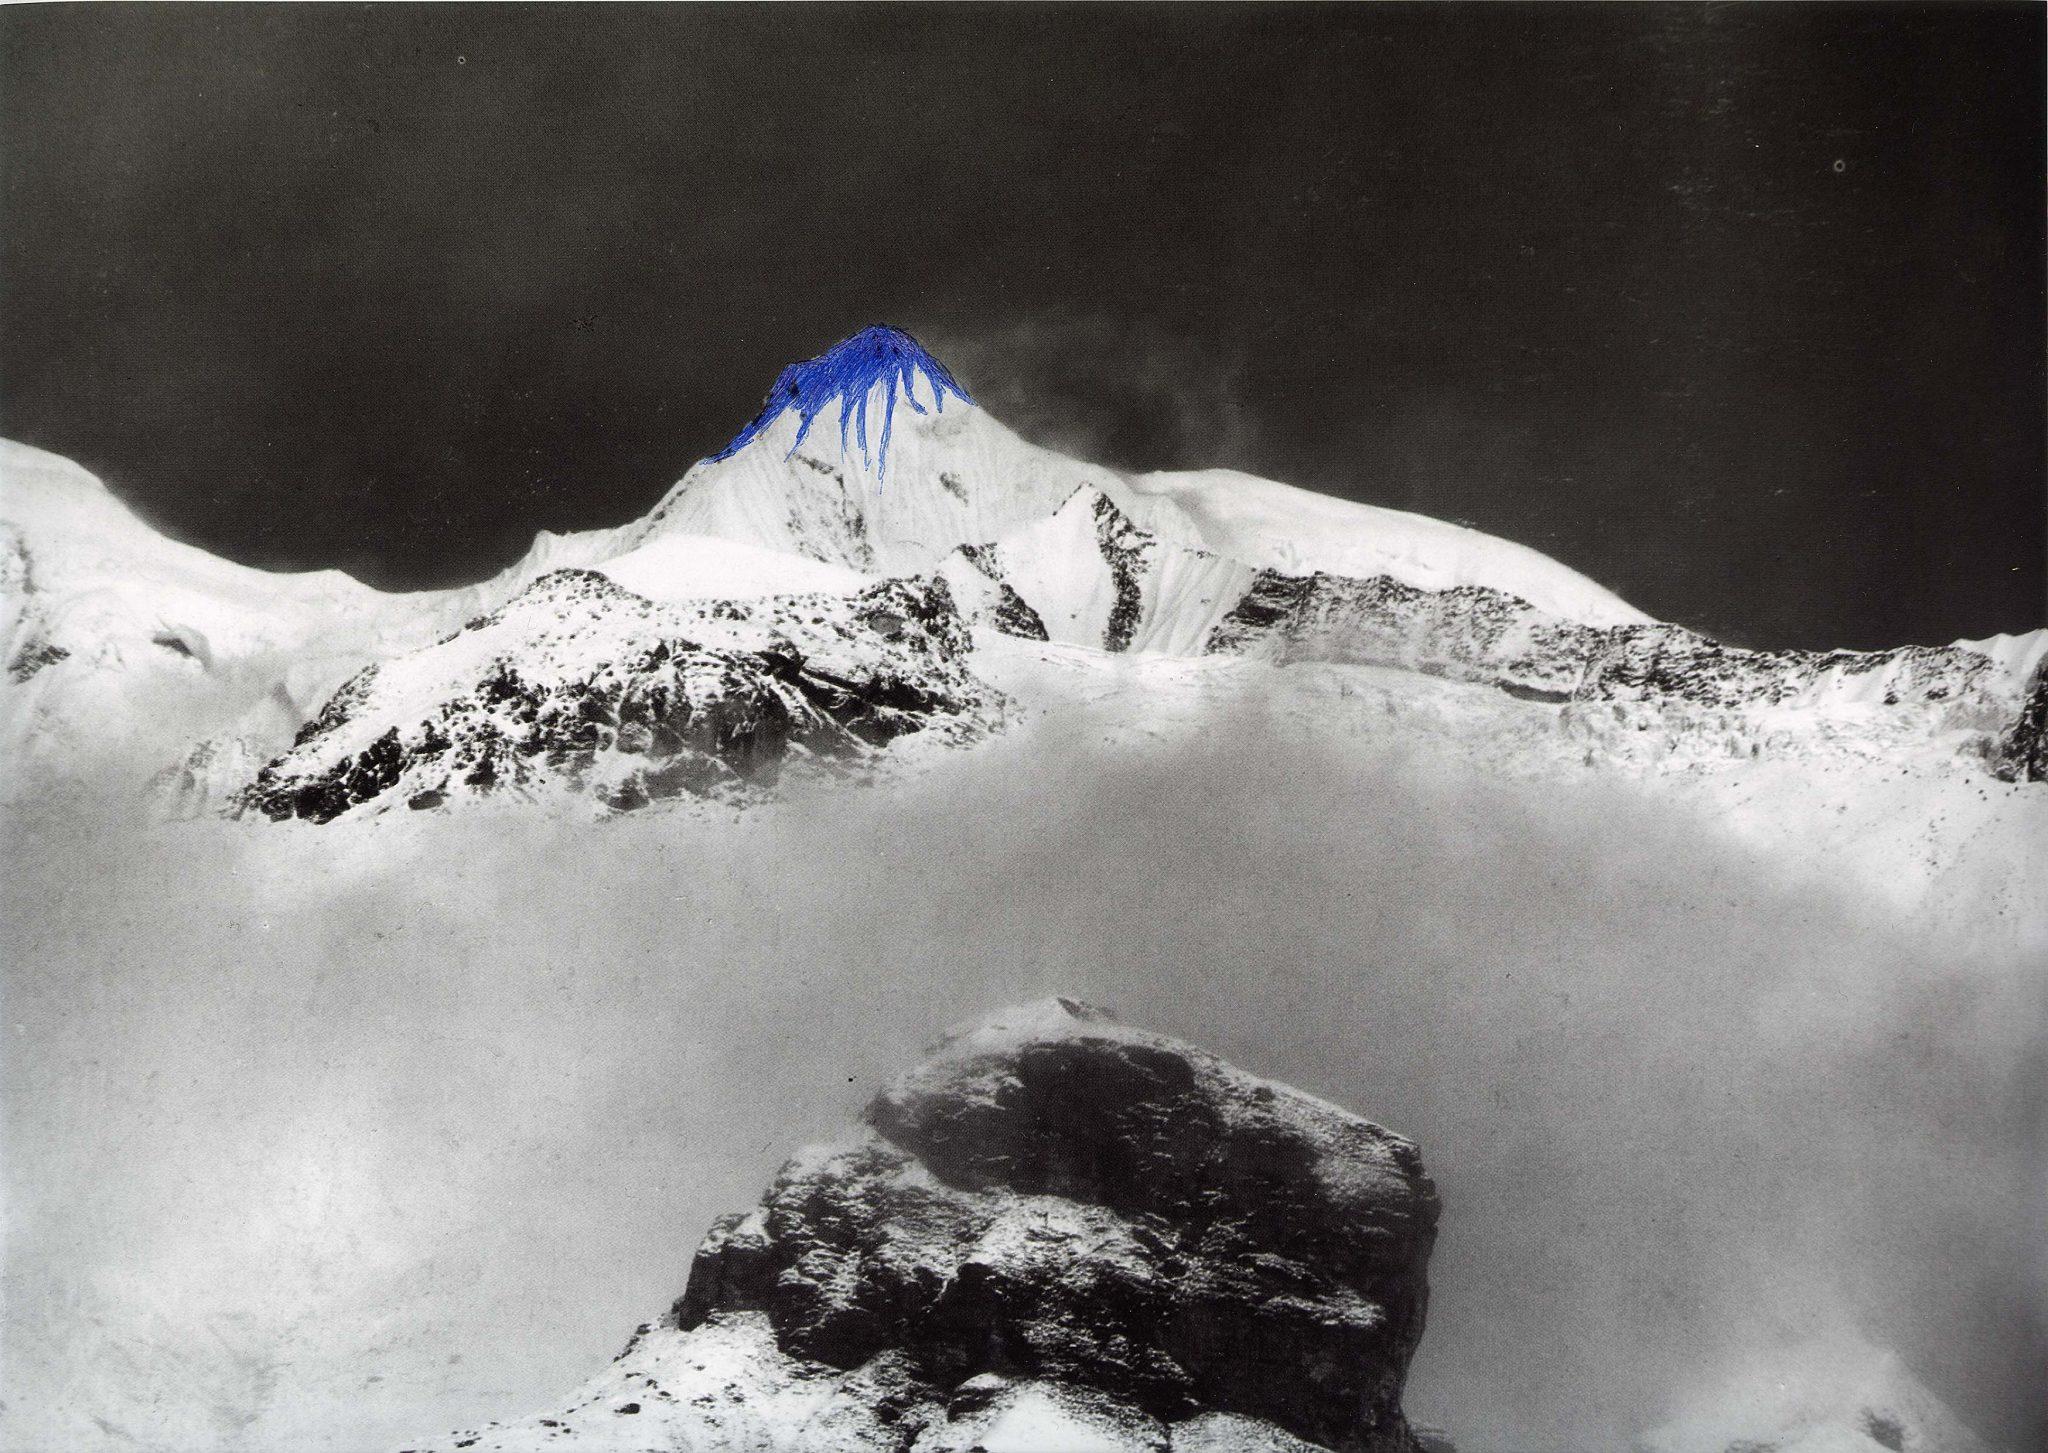 Jan Fabre, Vallnord, Pyrenees, Andorra, 1989, Penna a sfera su foto in bianco e nero. ┬® Angelos Bvba